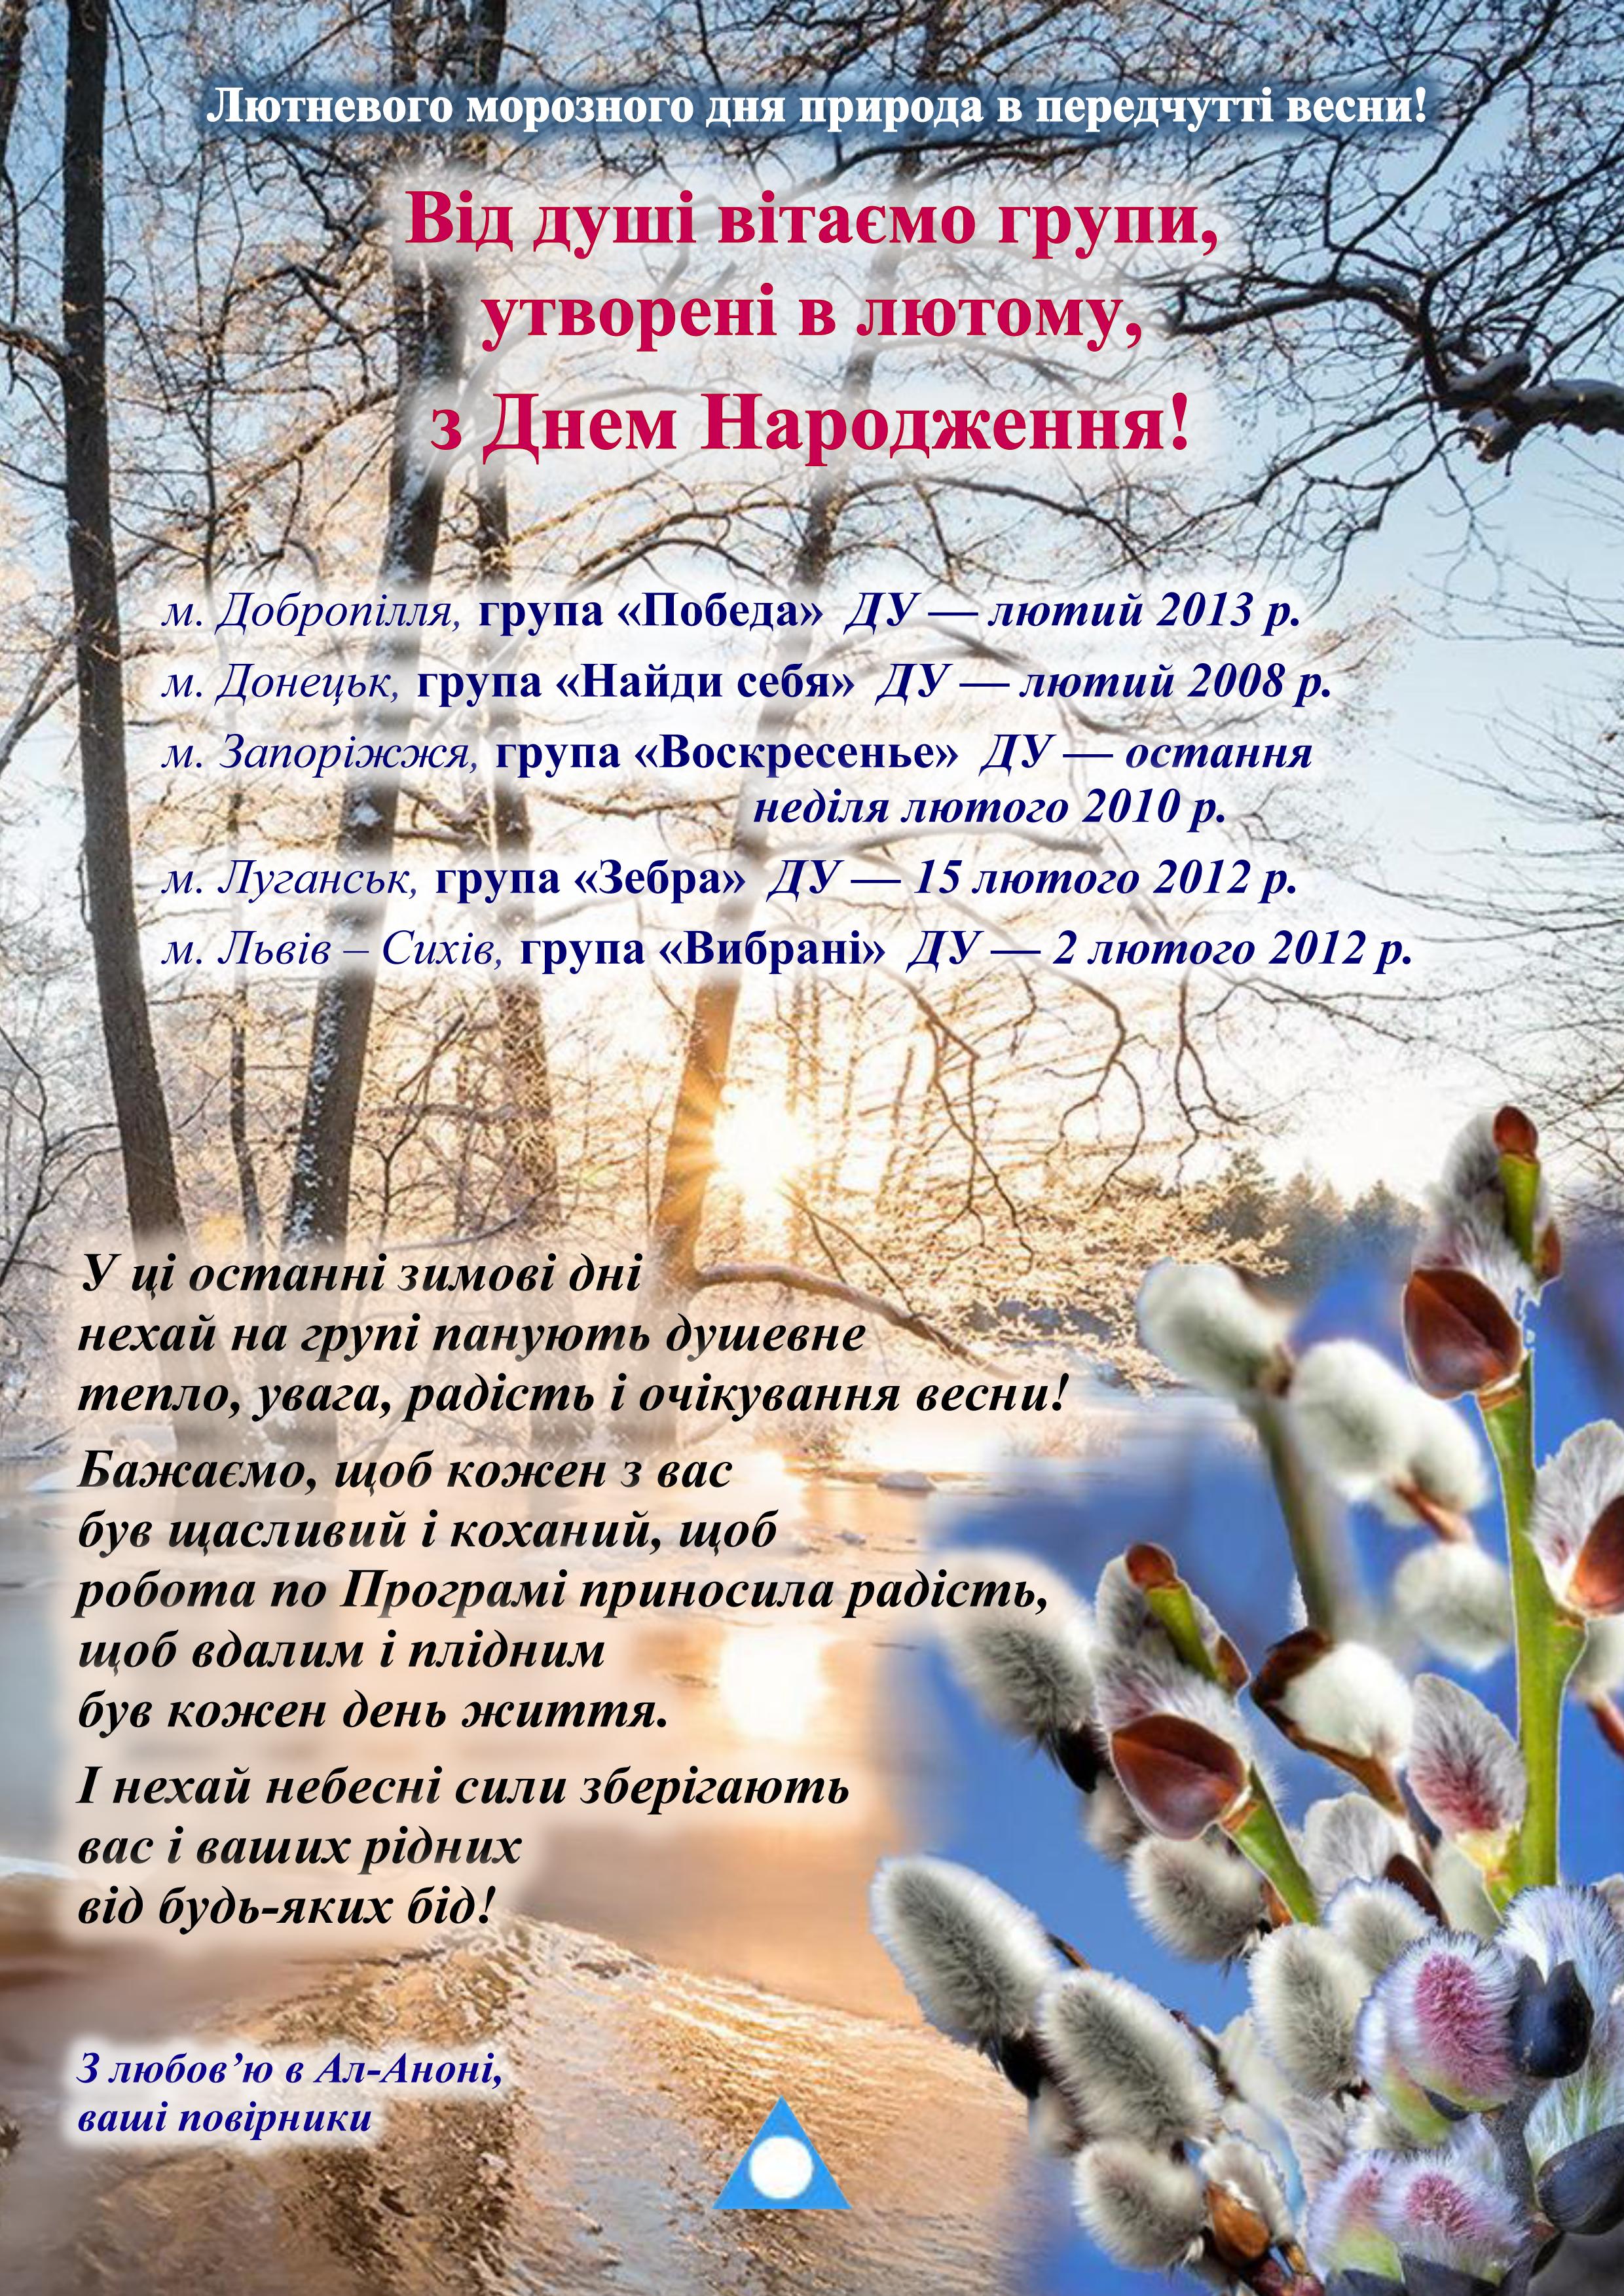 Поздравление_февраль1-укр